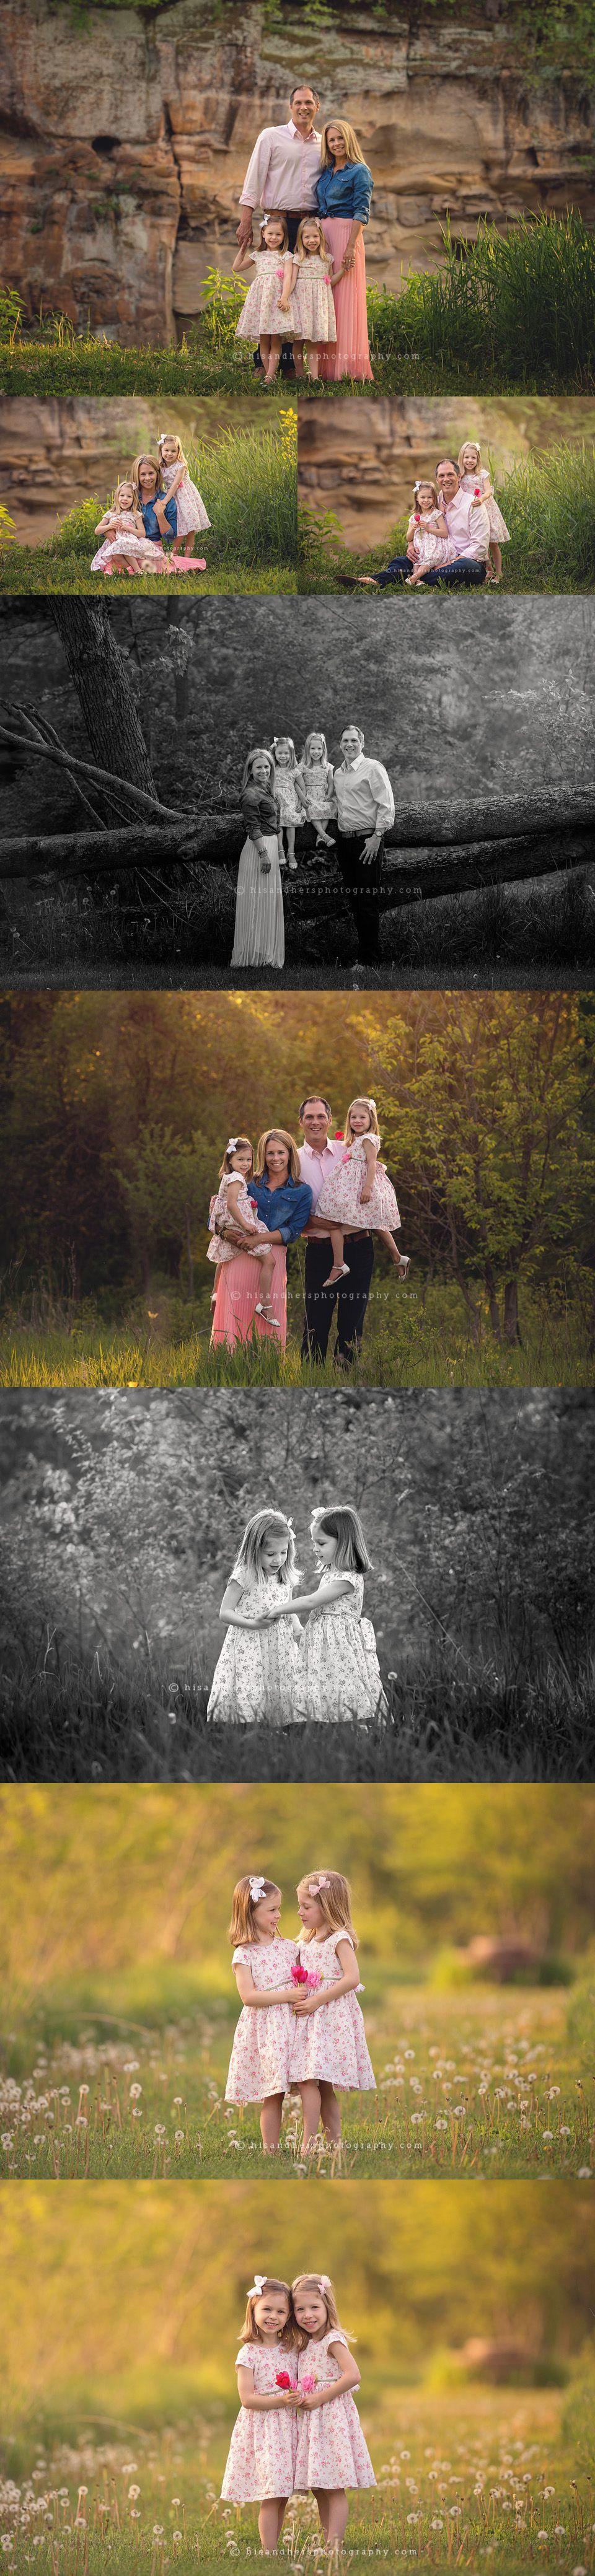 Family   Sophia + Chloe are 5!